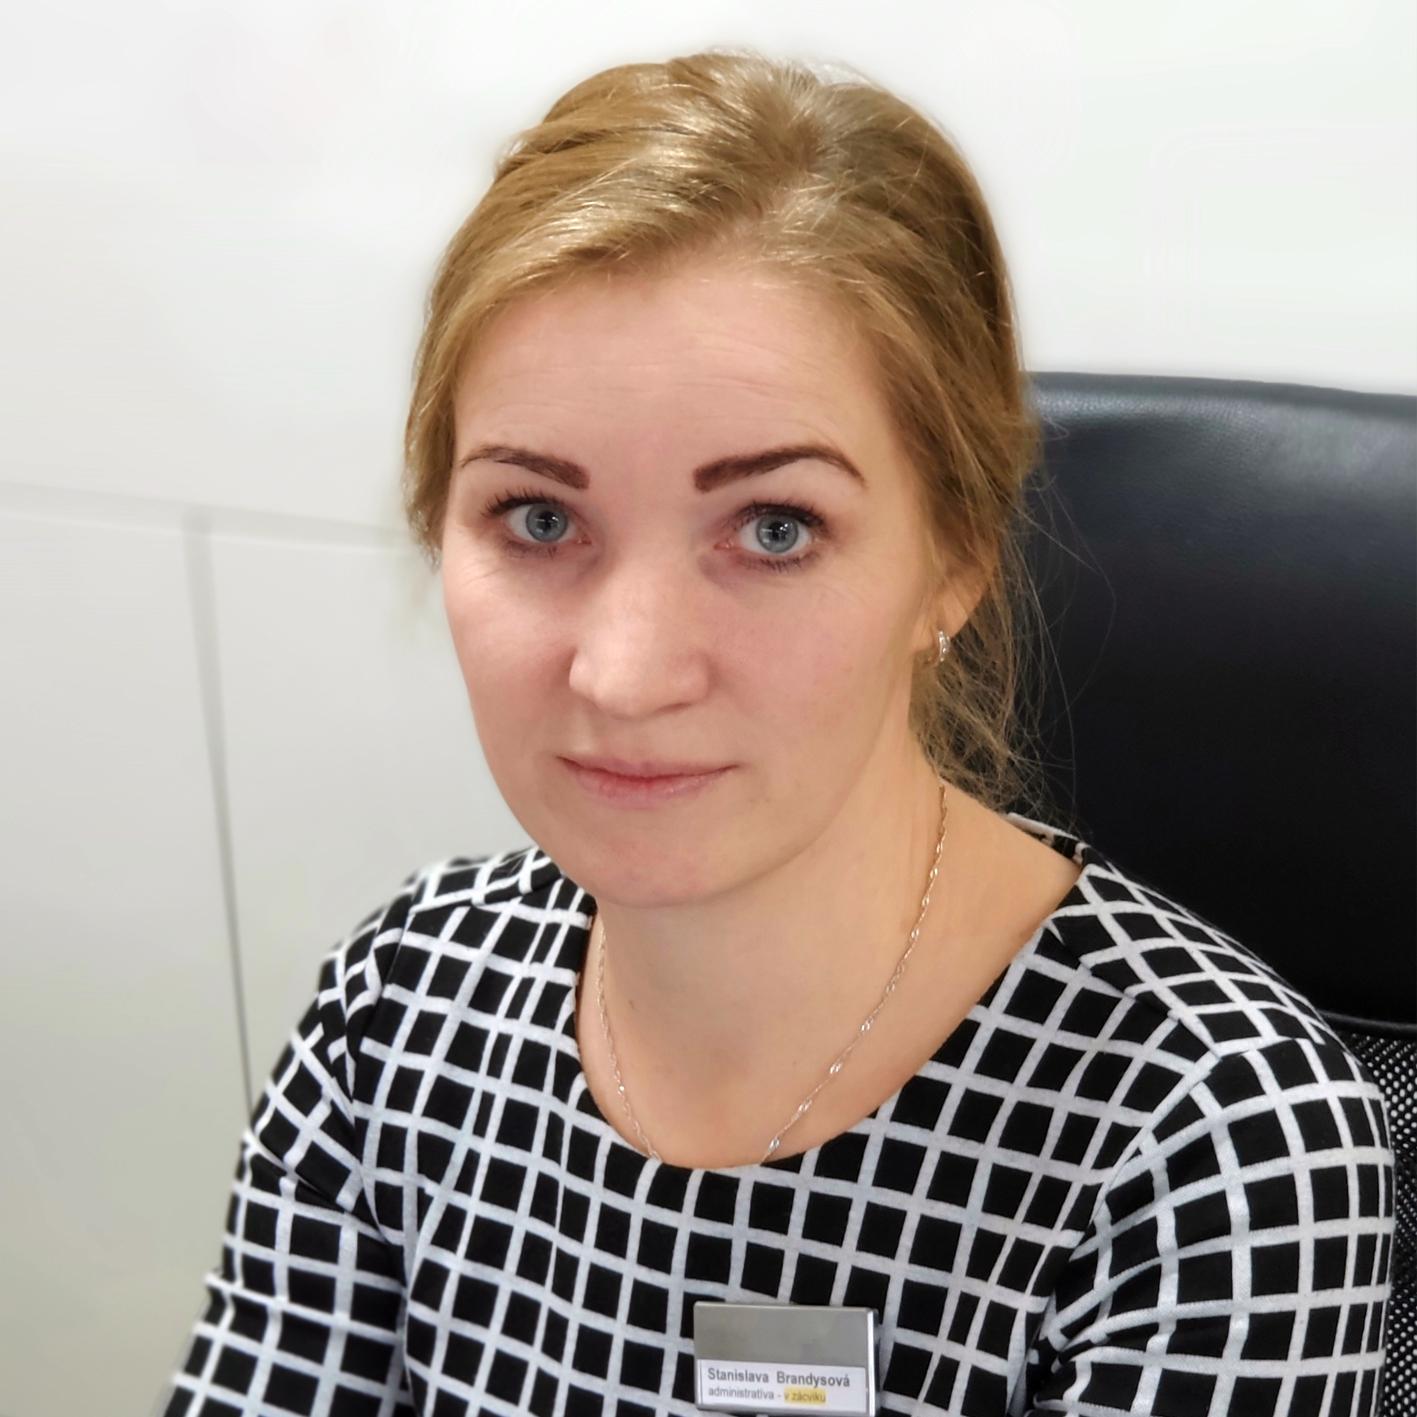 Stanislava Brandysová